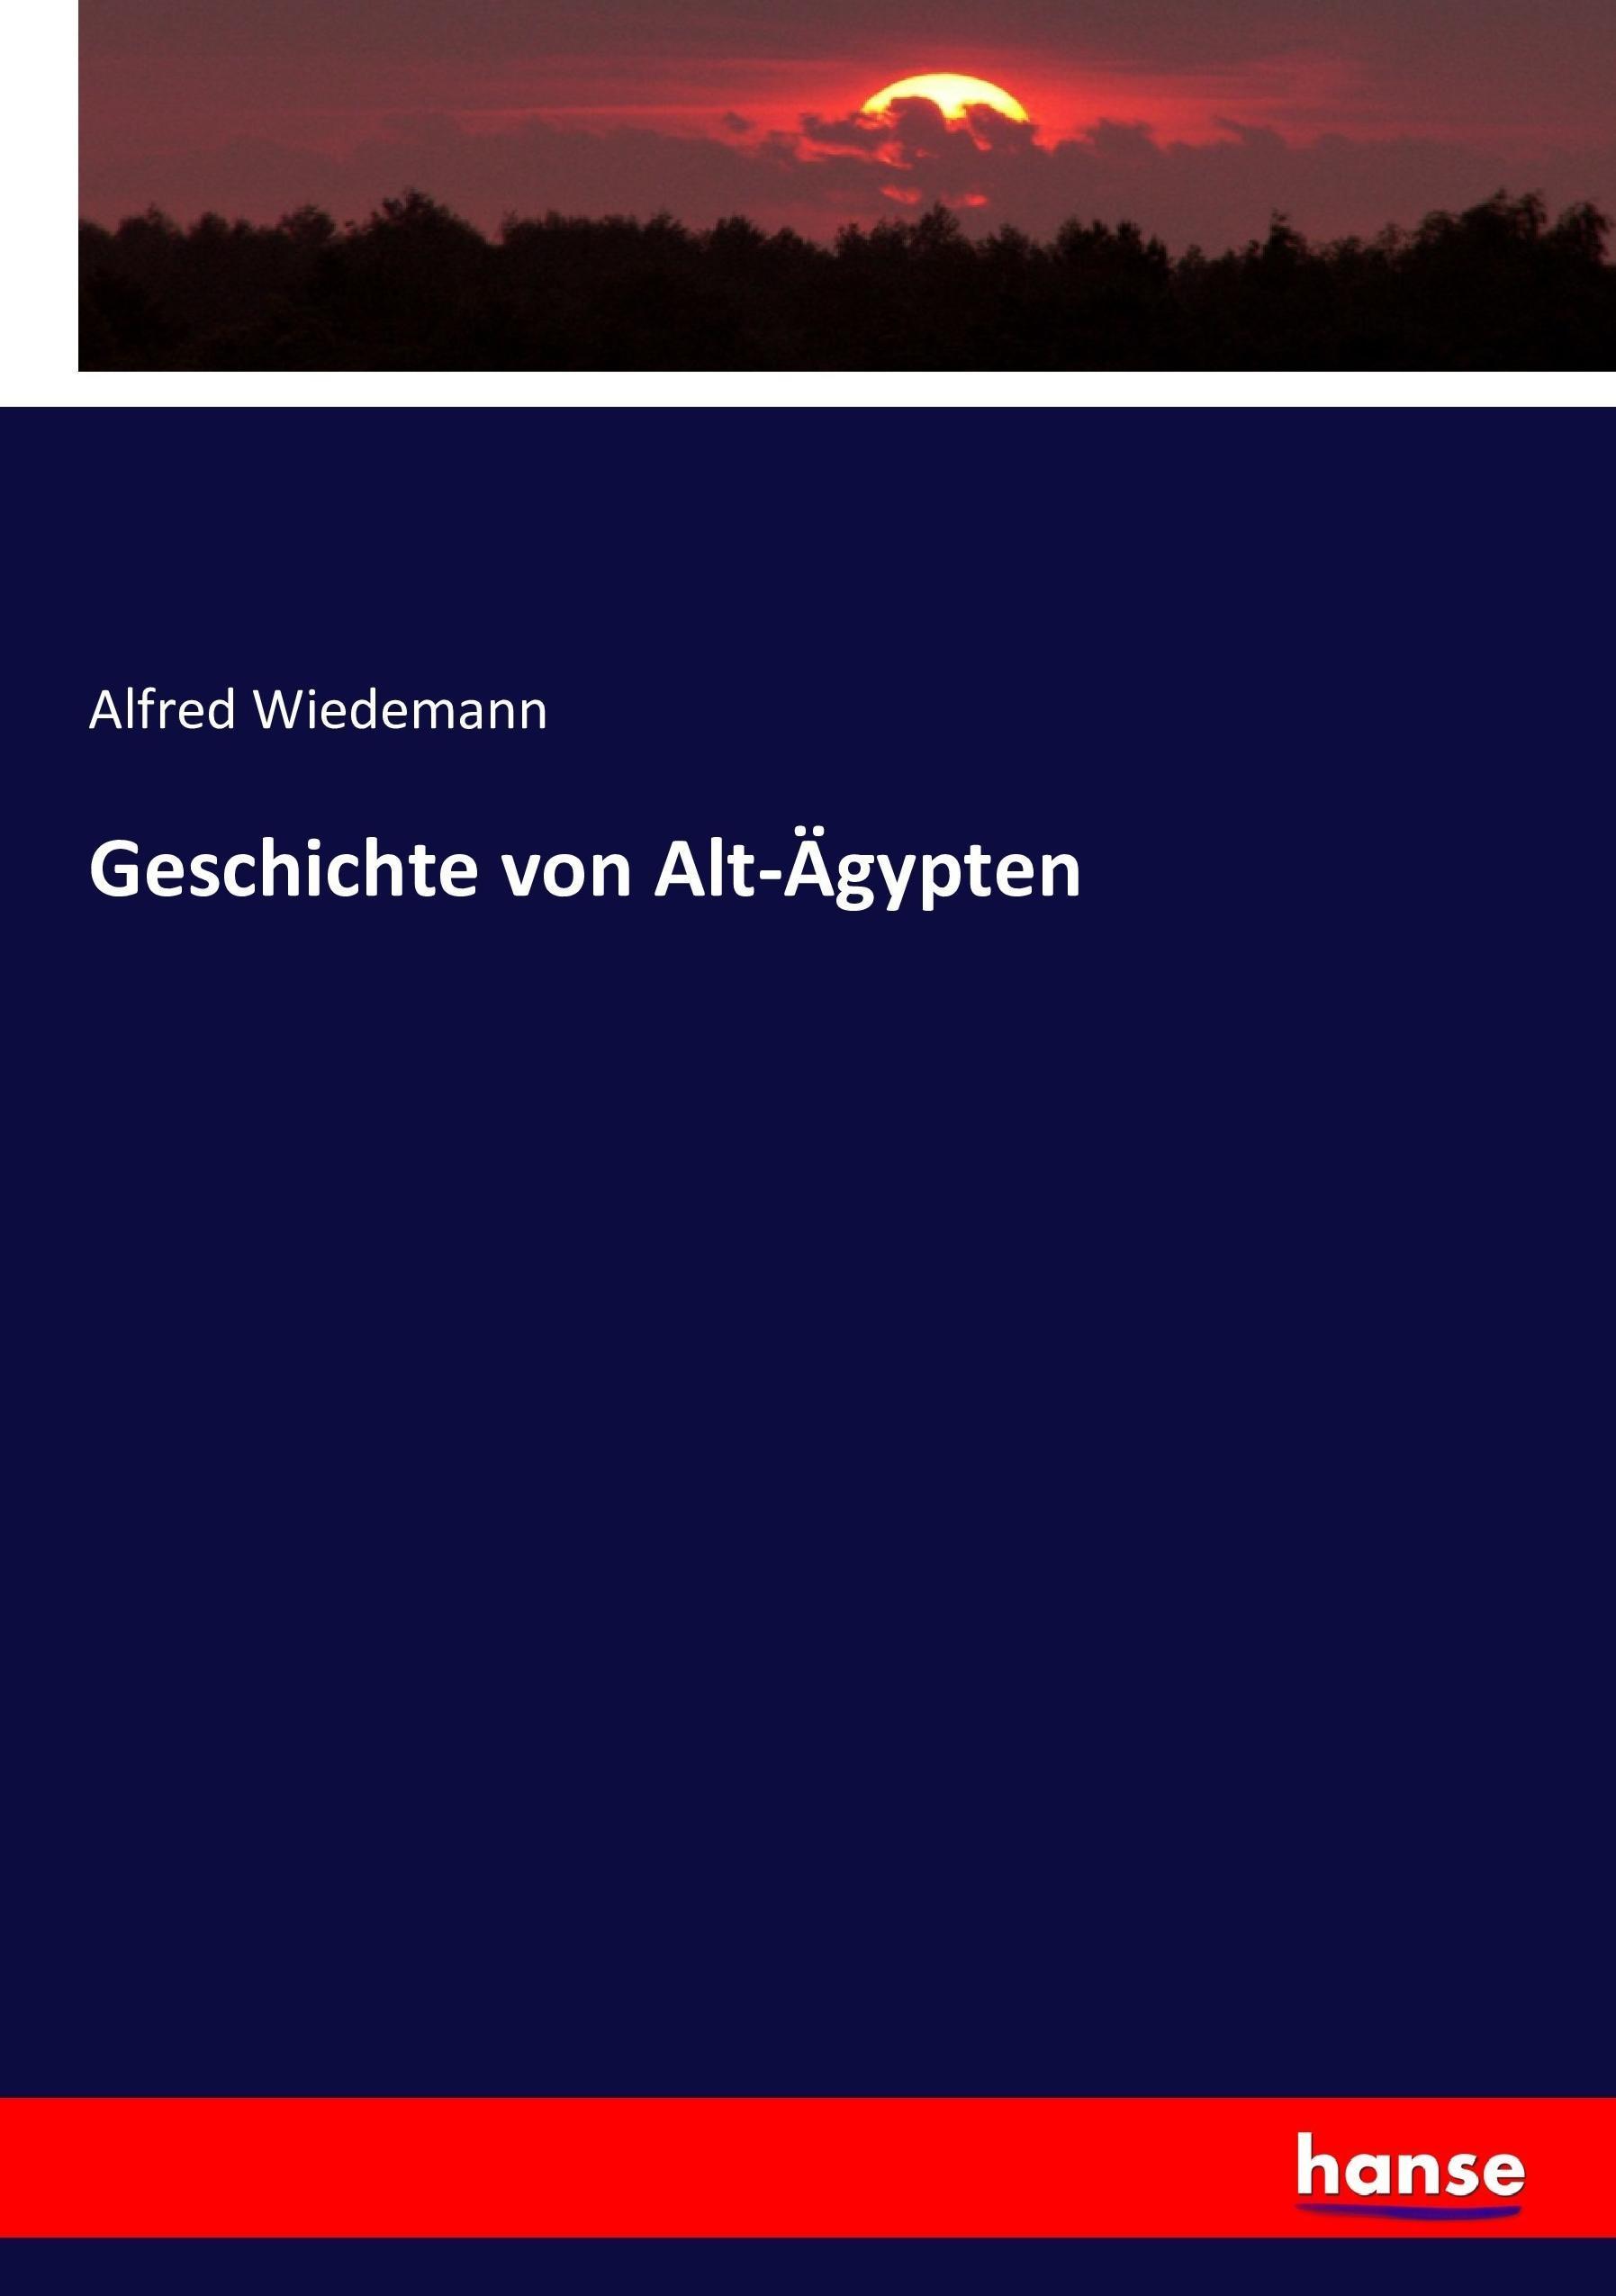 Alfred Wiedemann / Geschichte von Alt-Ägypten 9783742837134